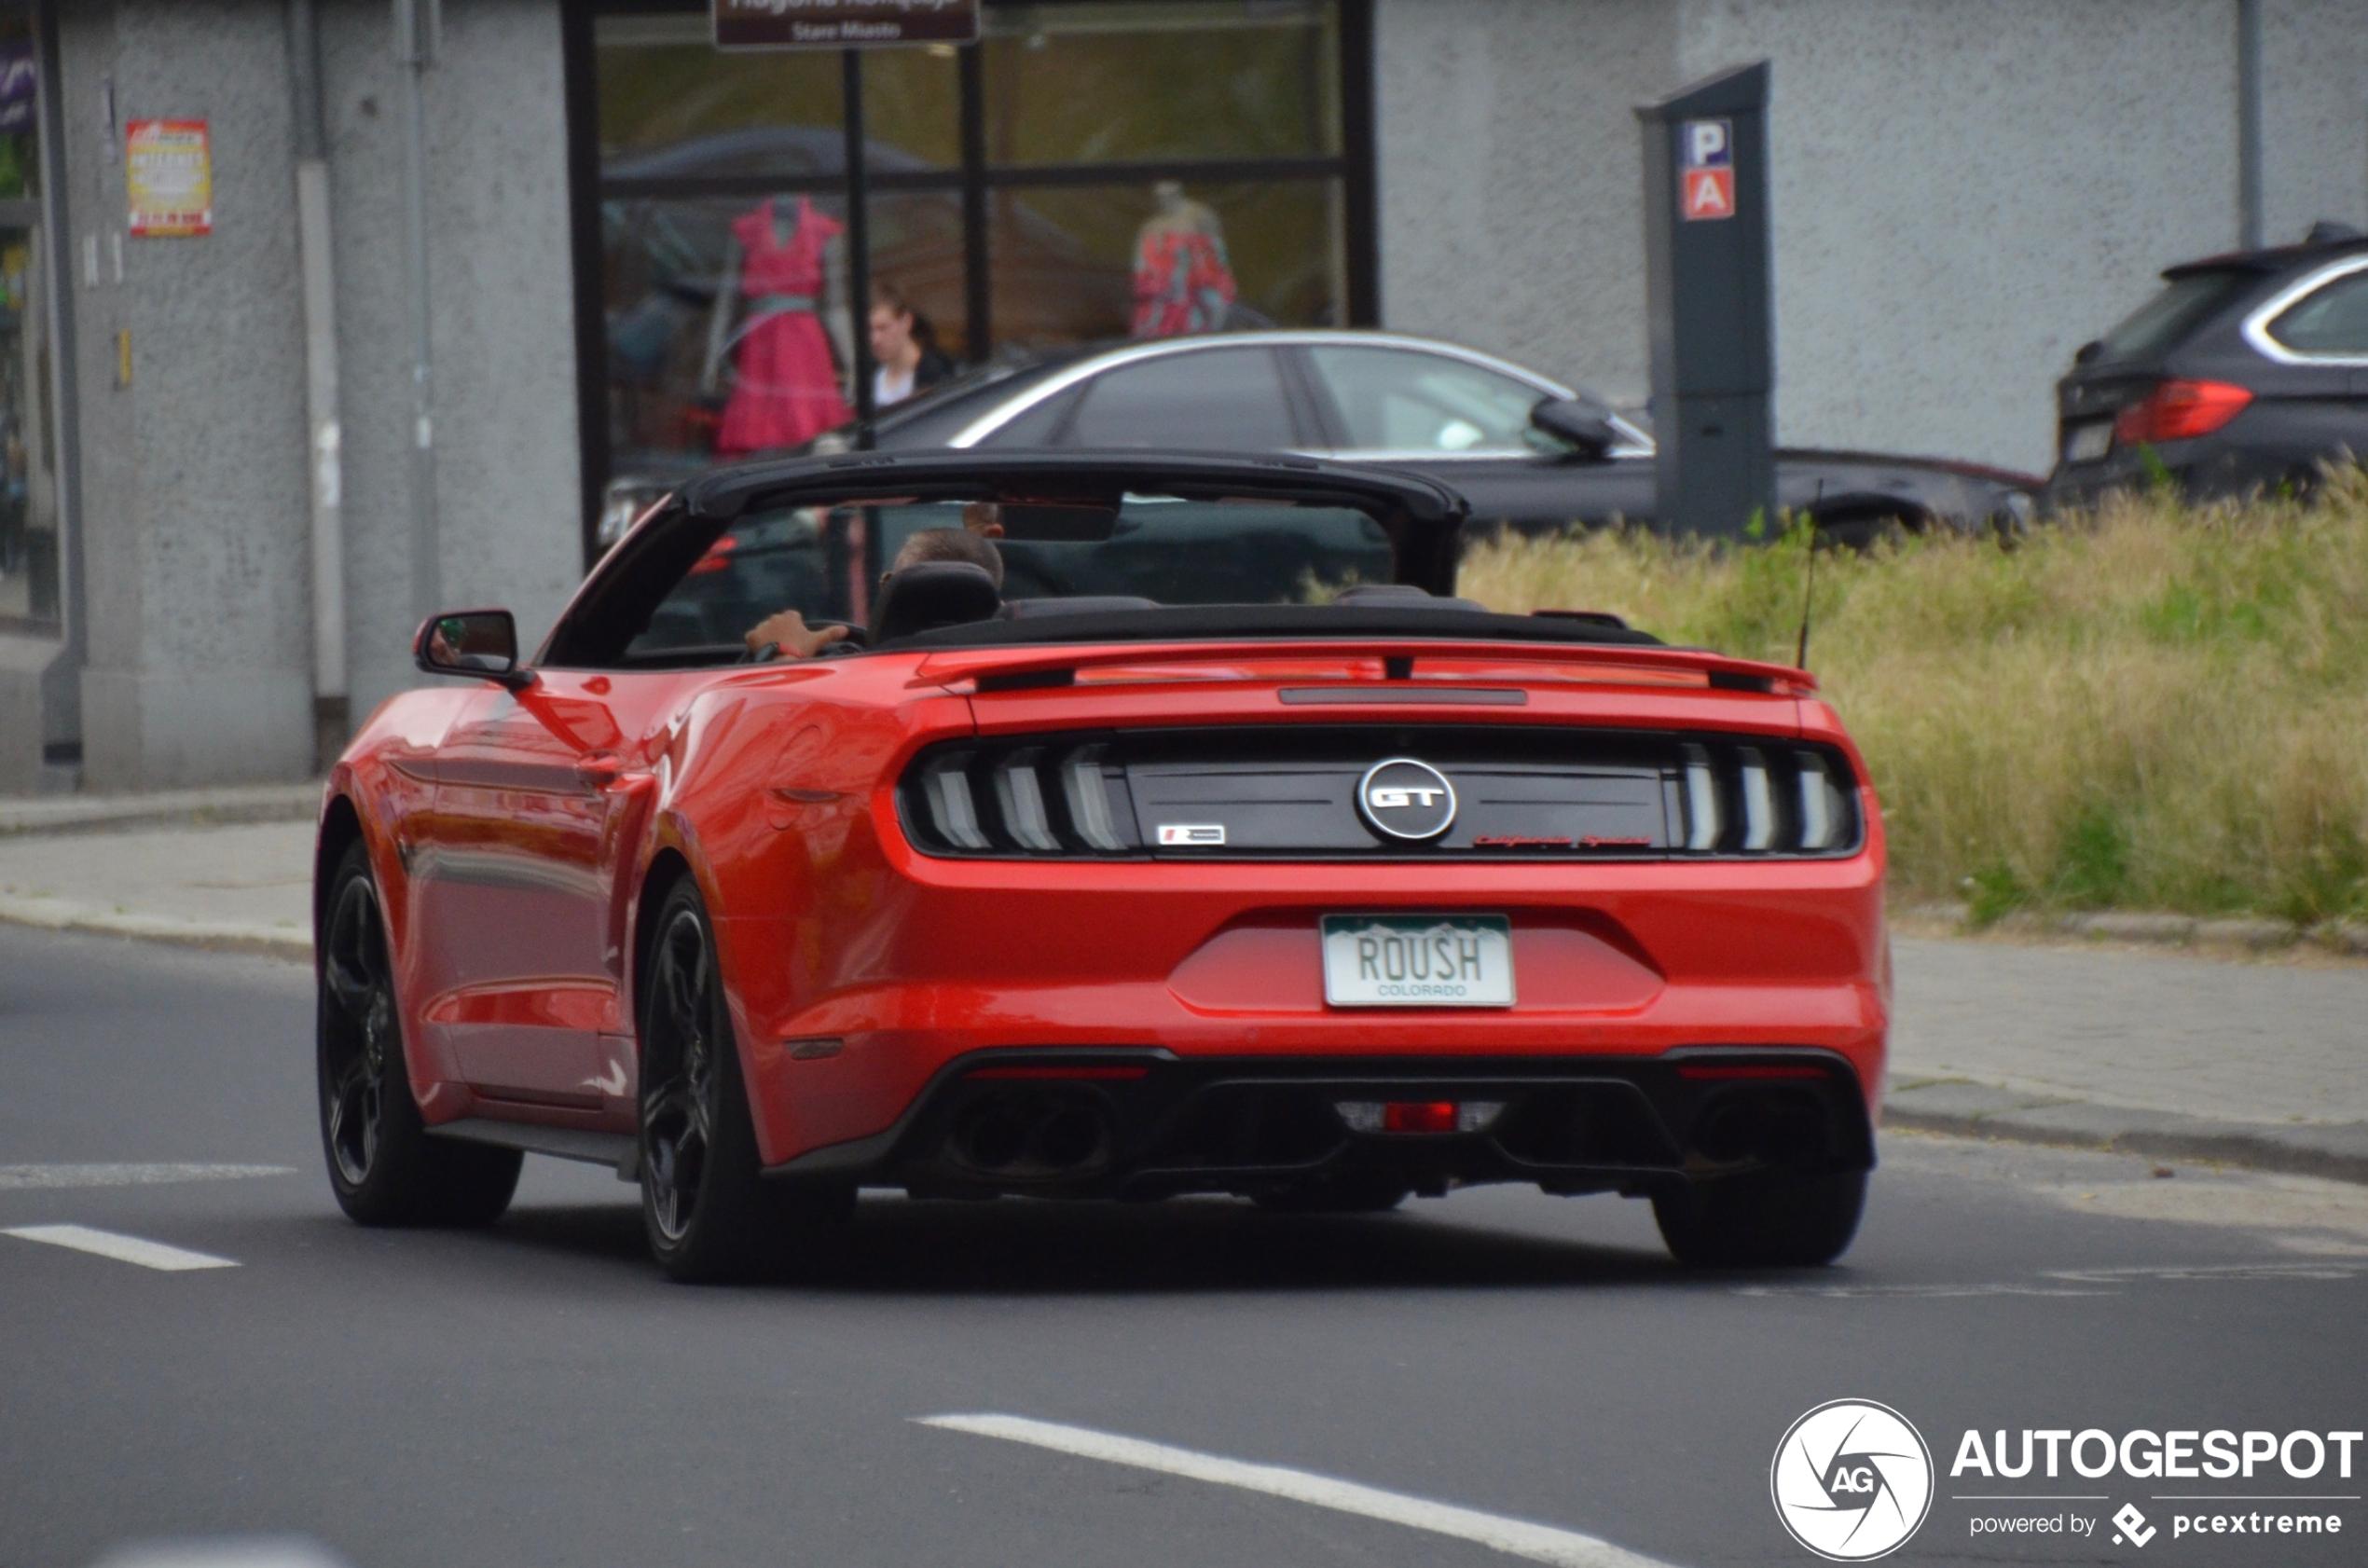 Ford Mustang GT pronkt met zijn deuren